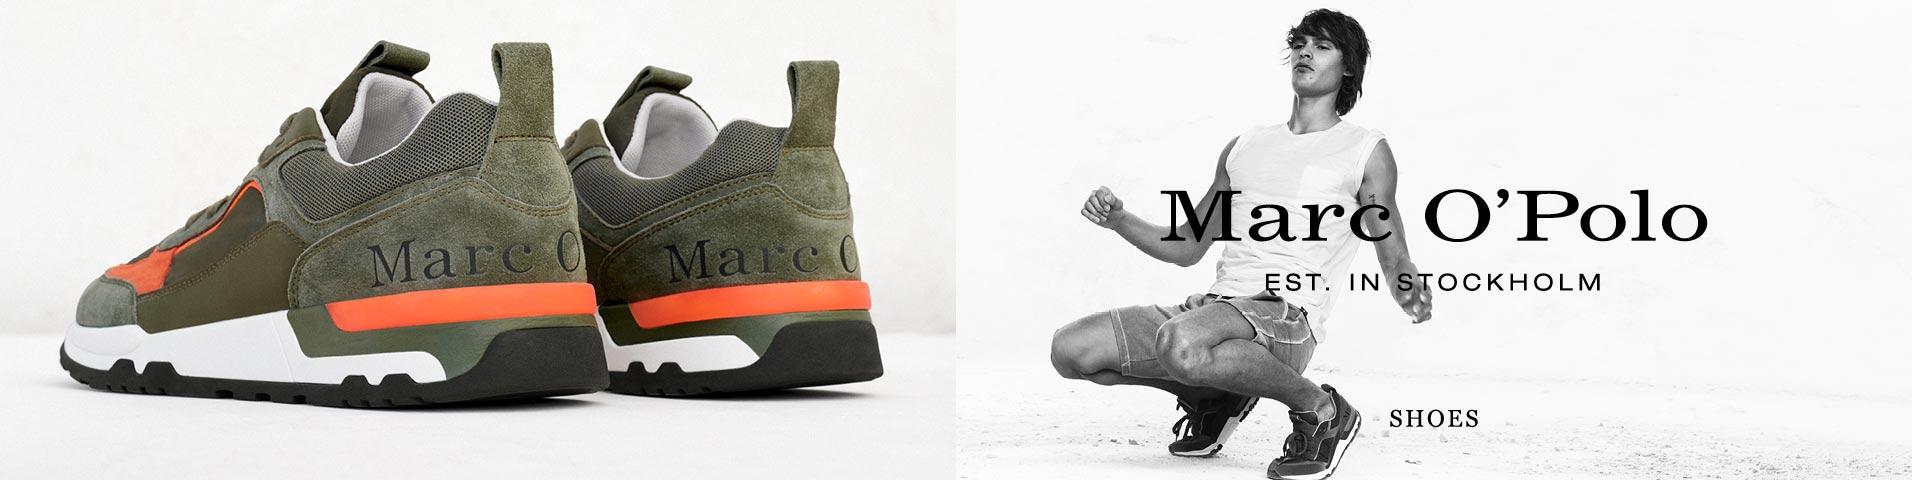 Herresko | Køb dine nye sko til herrer online hos Zalando.dk